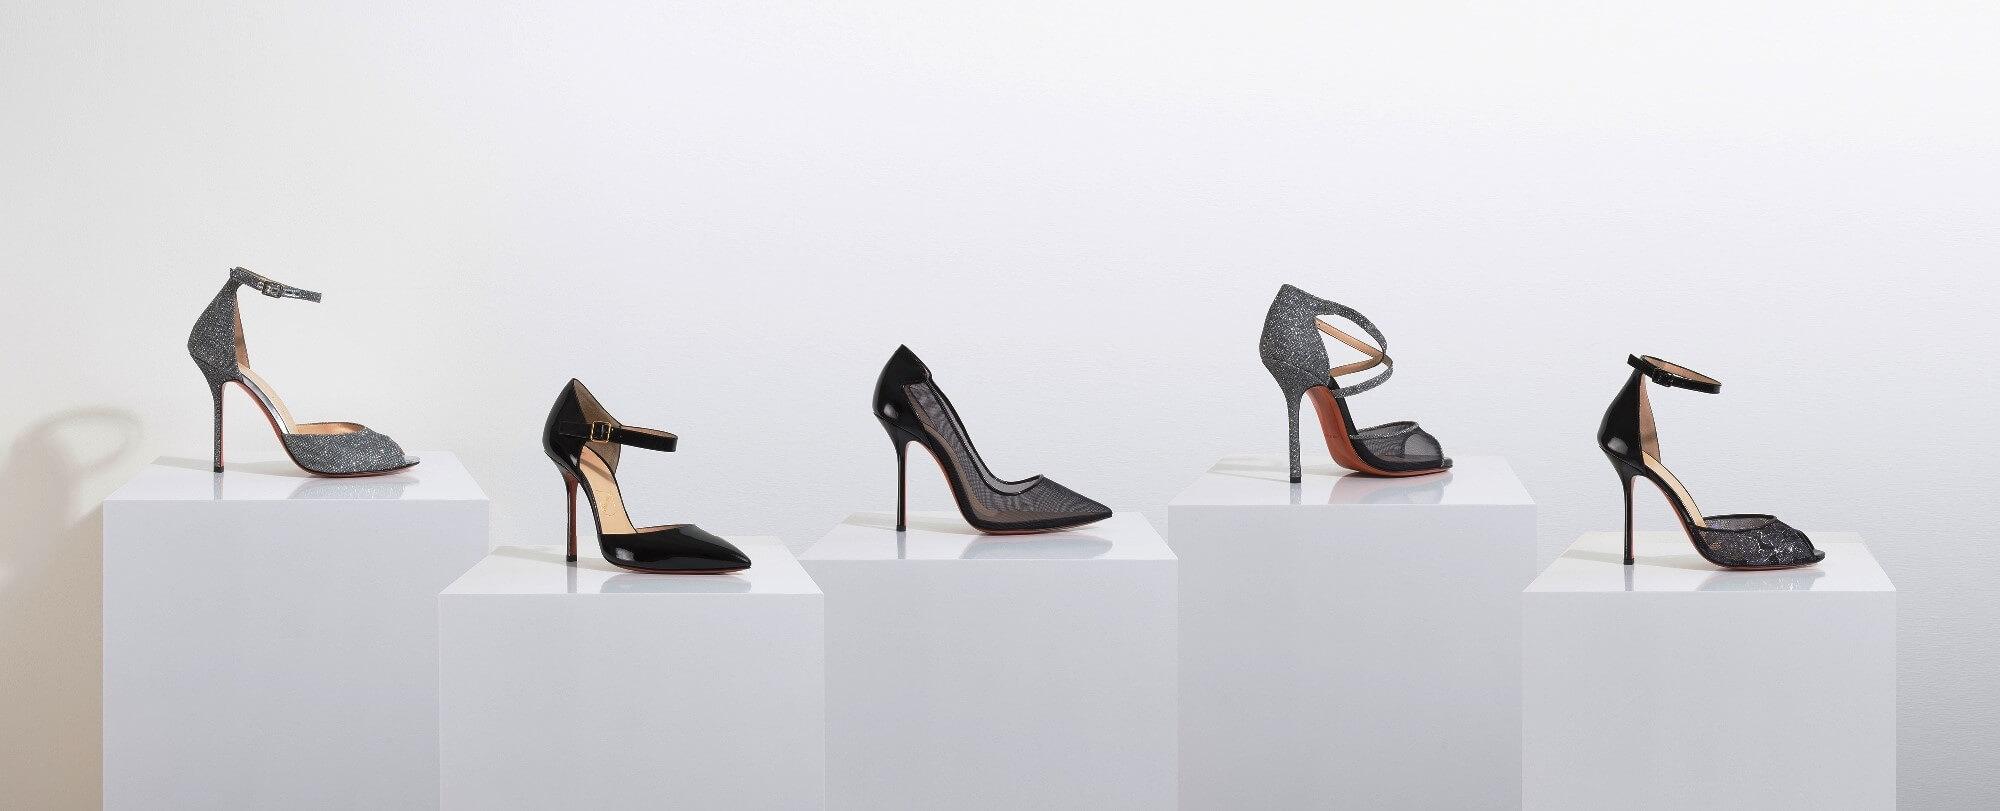 5 witte zuilen naast elkaar met schoenen bovenop